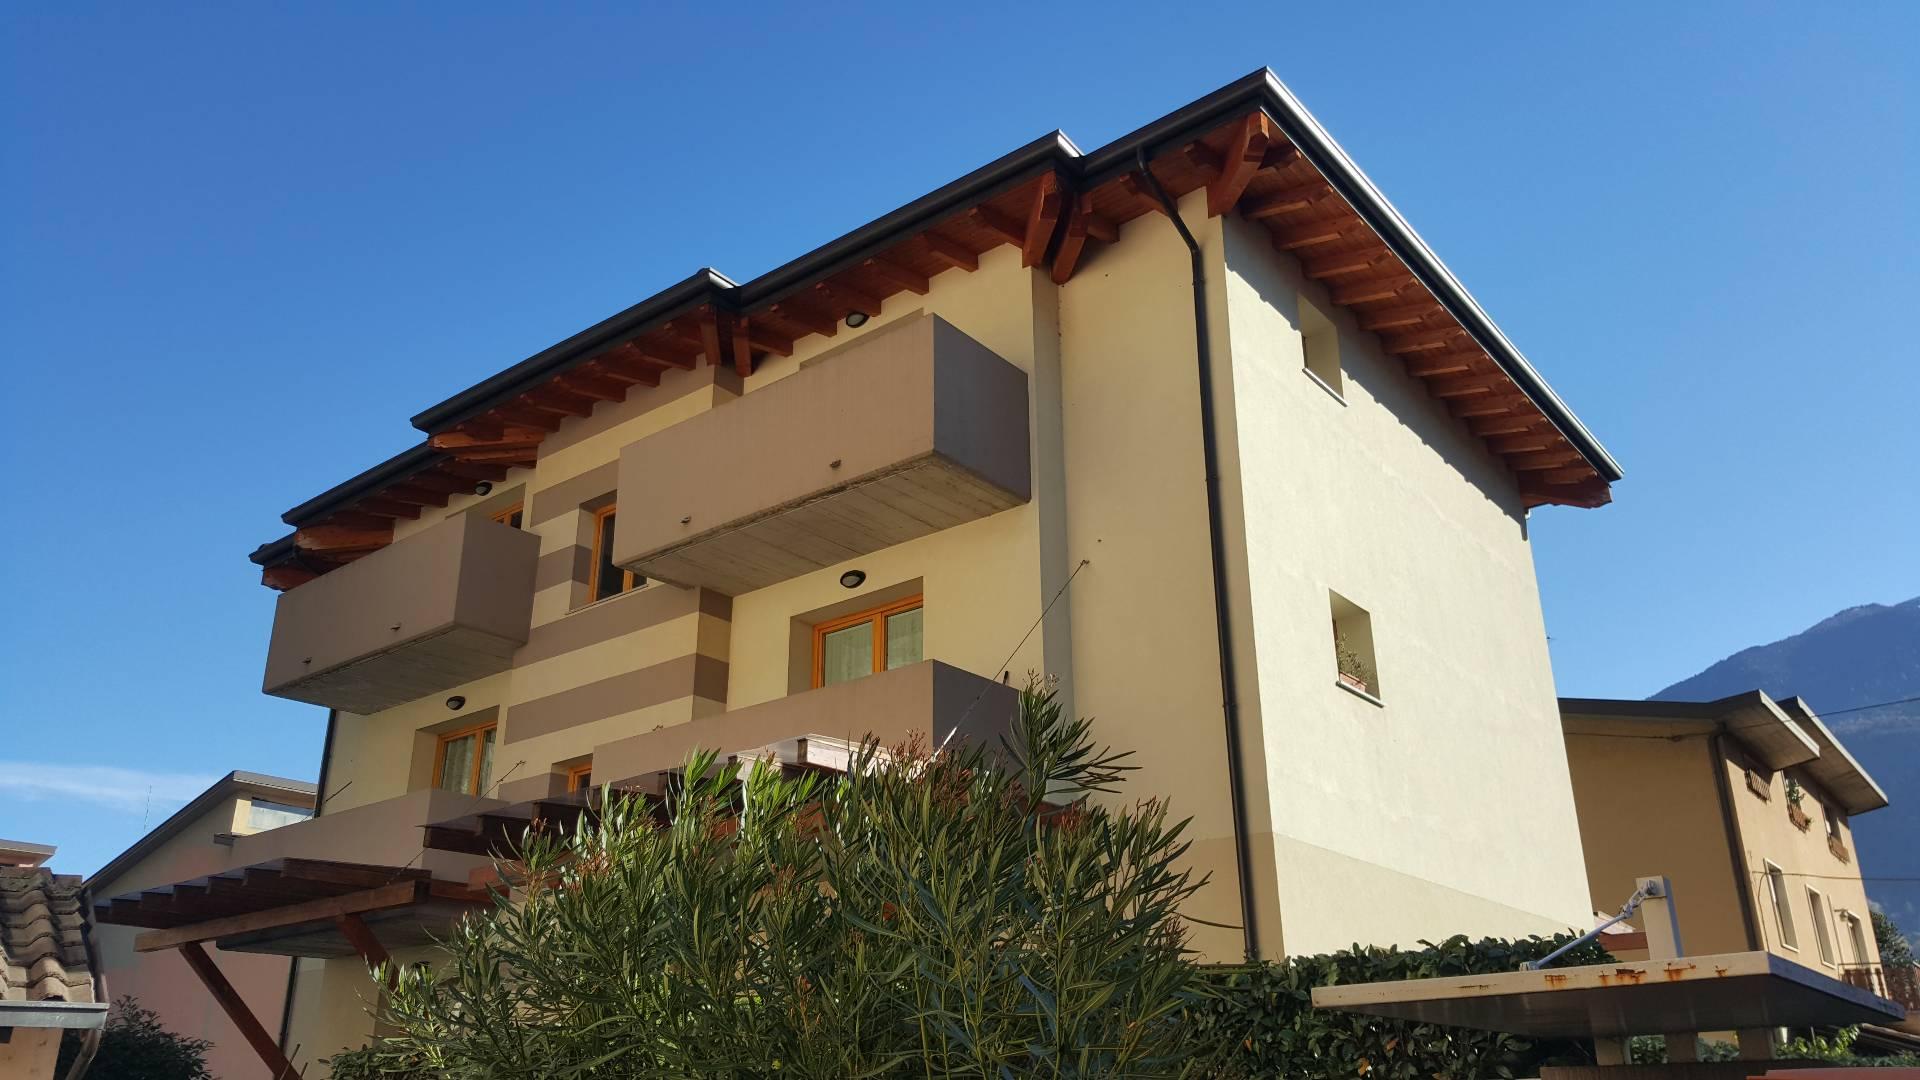 Appartamento in vendita a Piancogno, 5 locali, prezzo € 88.000 | Cambio Casa.it